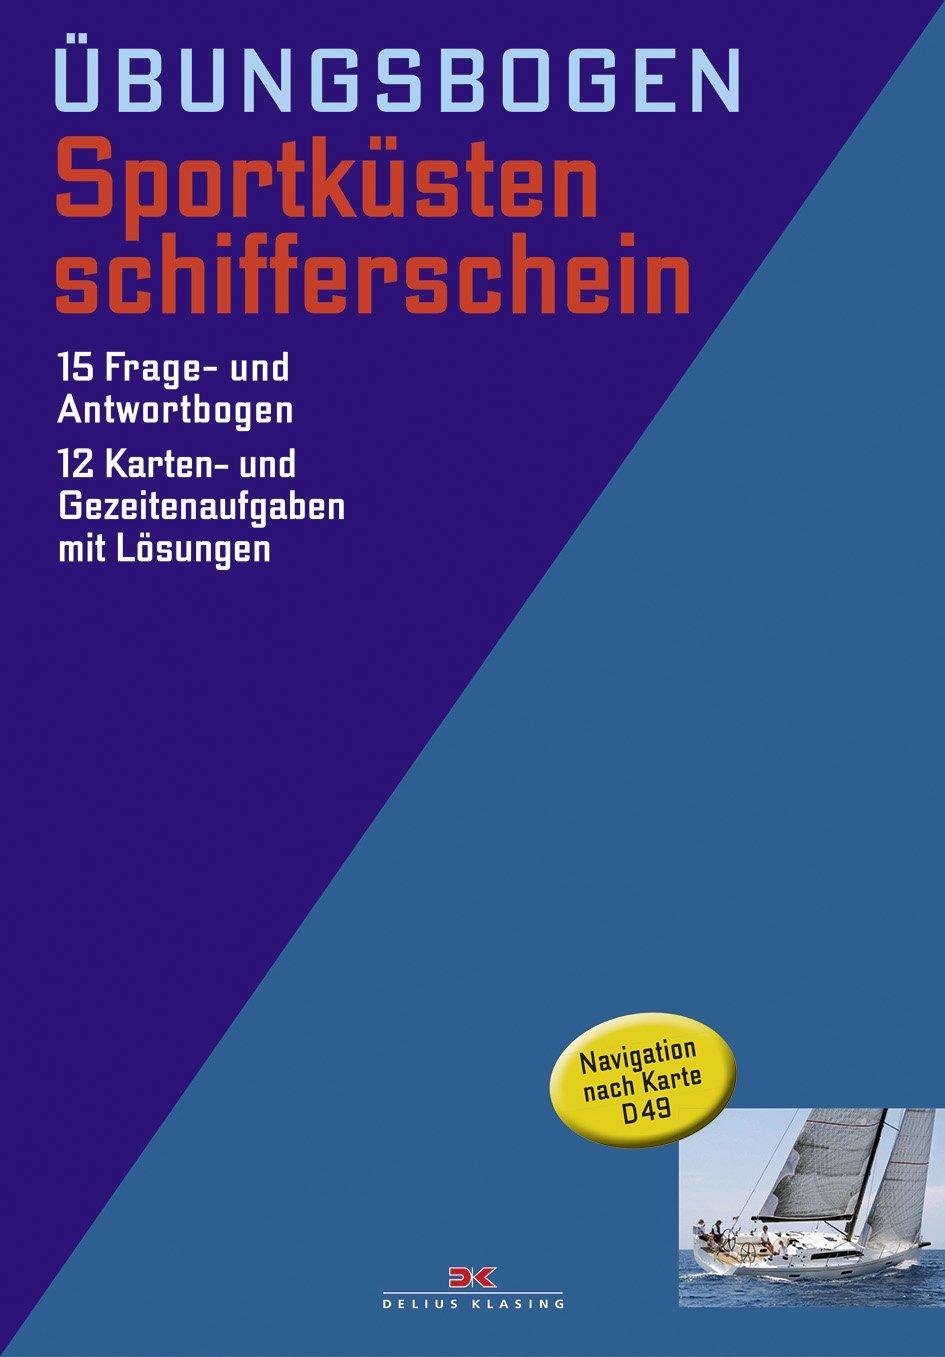 Sportküstenschifferschein: 15 Fragebogen mit Antworten - 12 Karten- und Gezeitenaufgaben (gültig ab 1.10.2013)